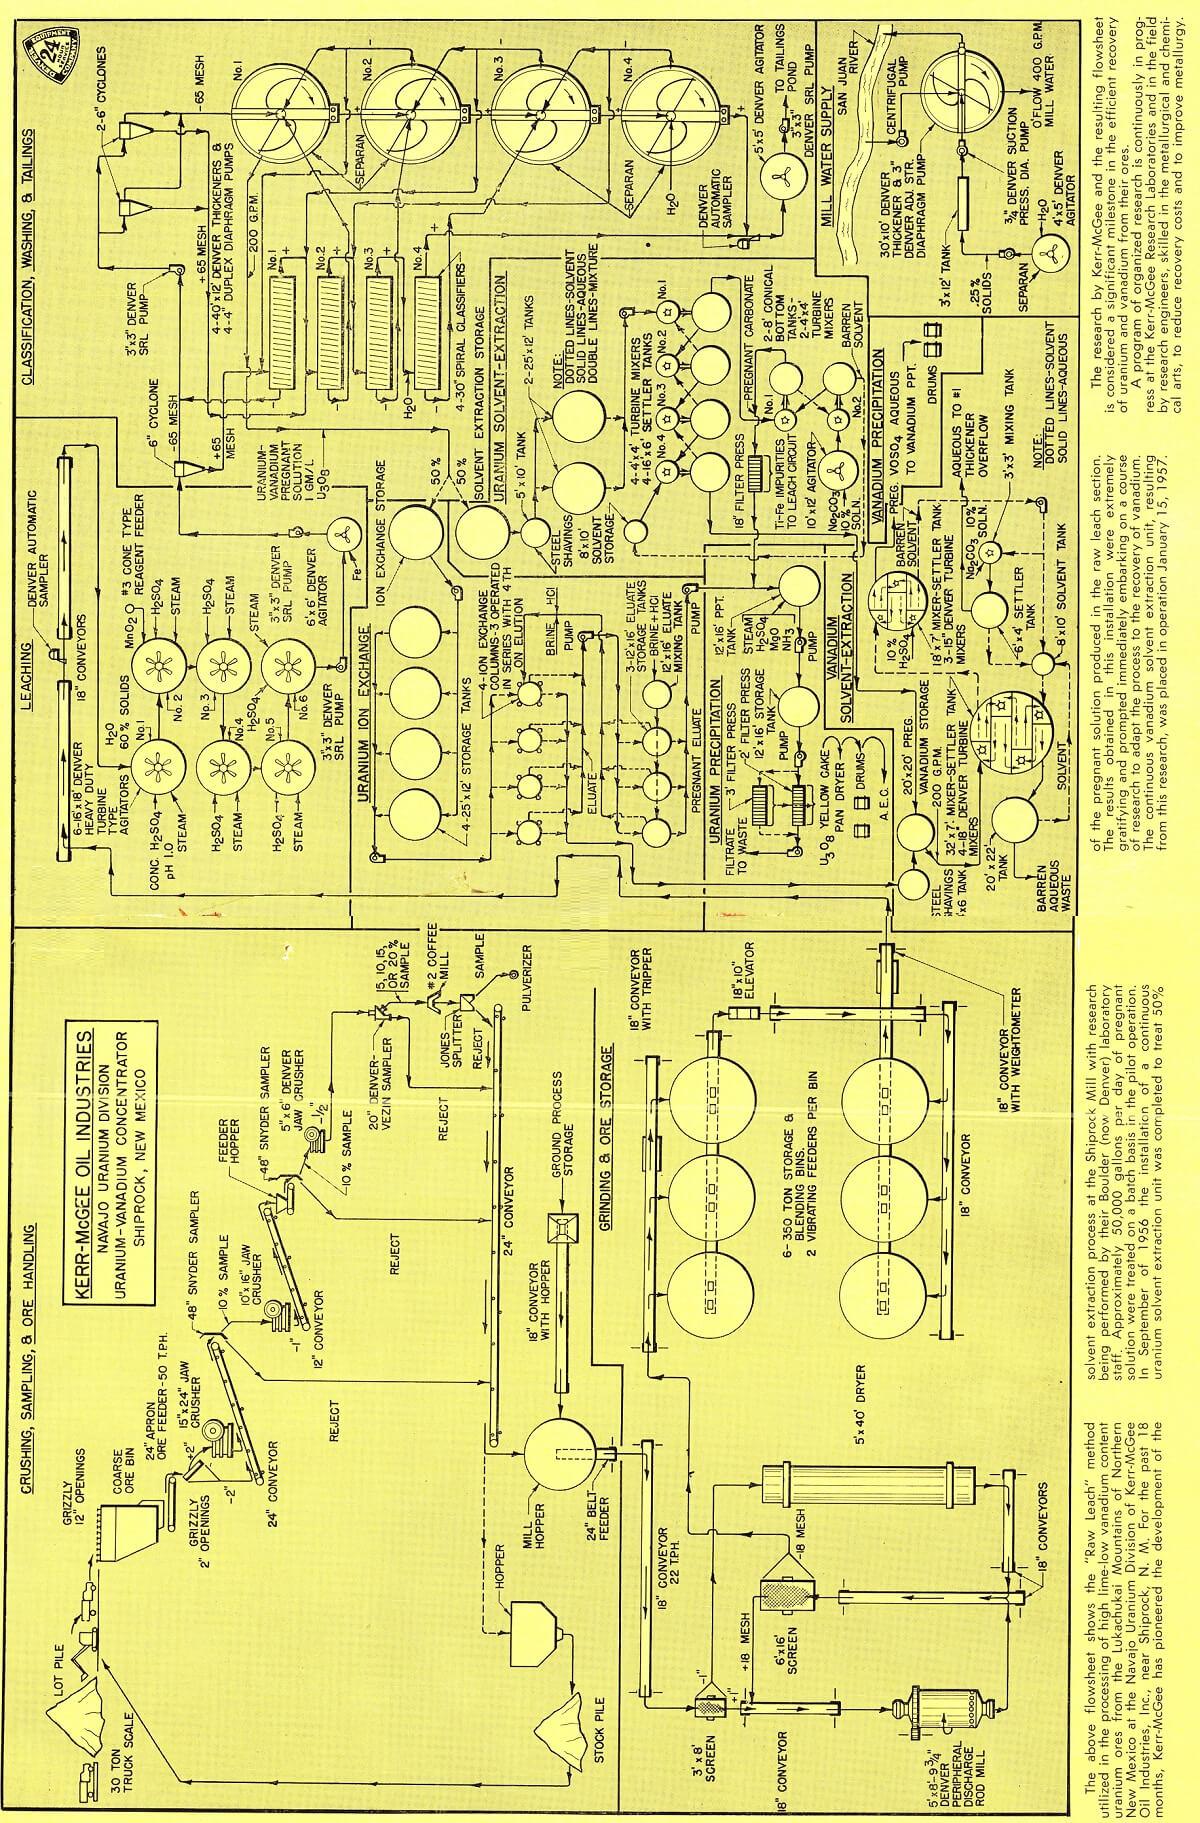 uranium processing flowsheet